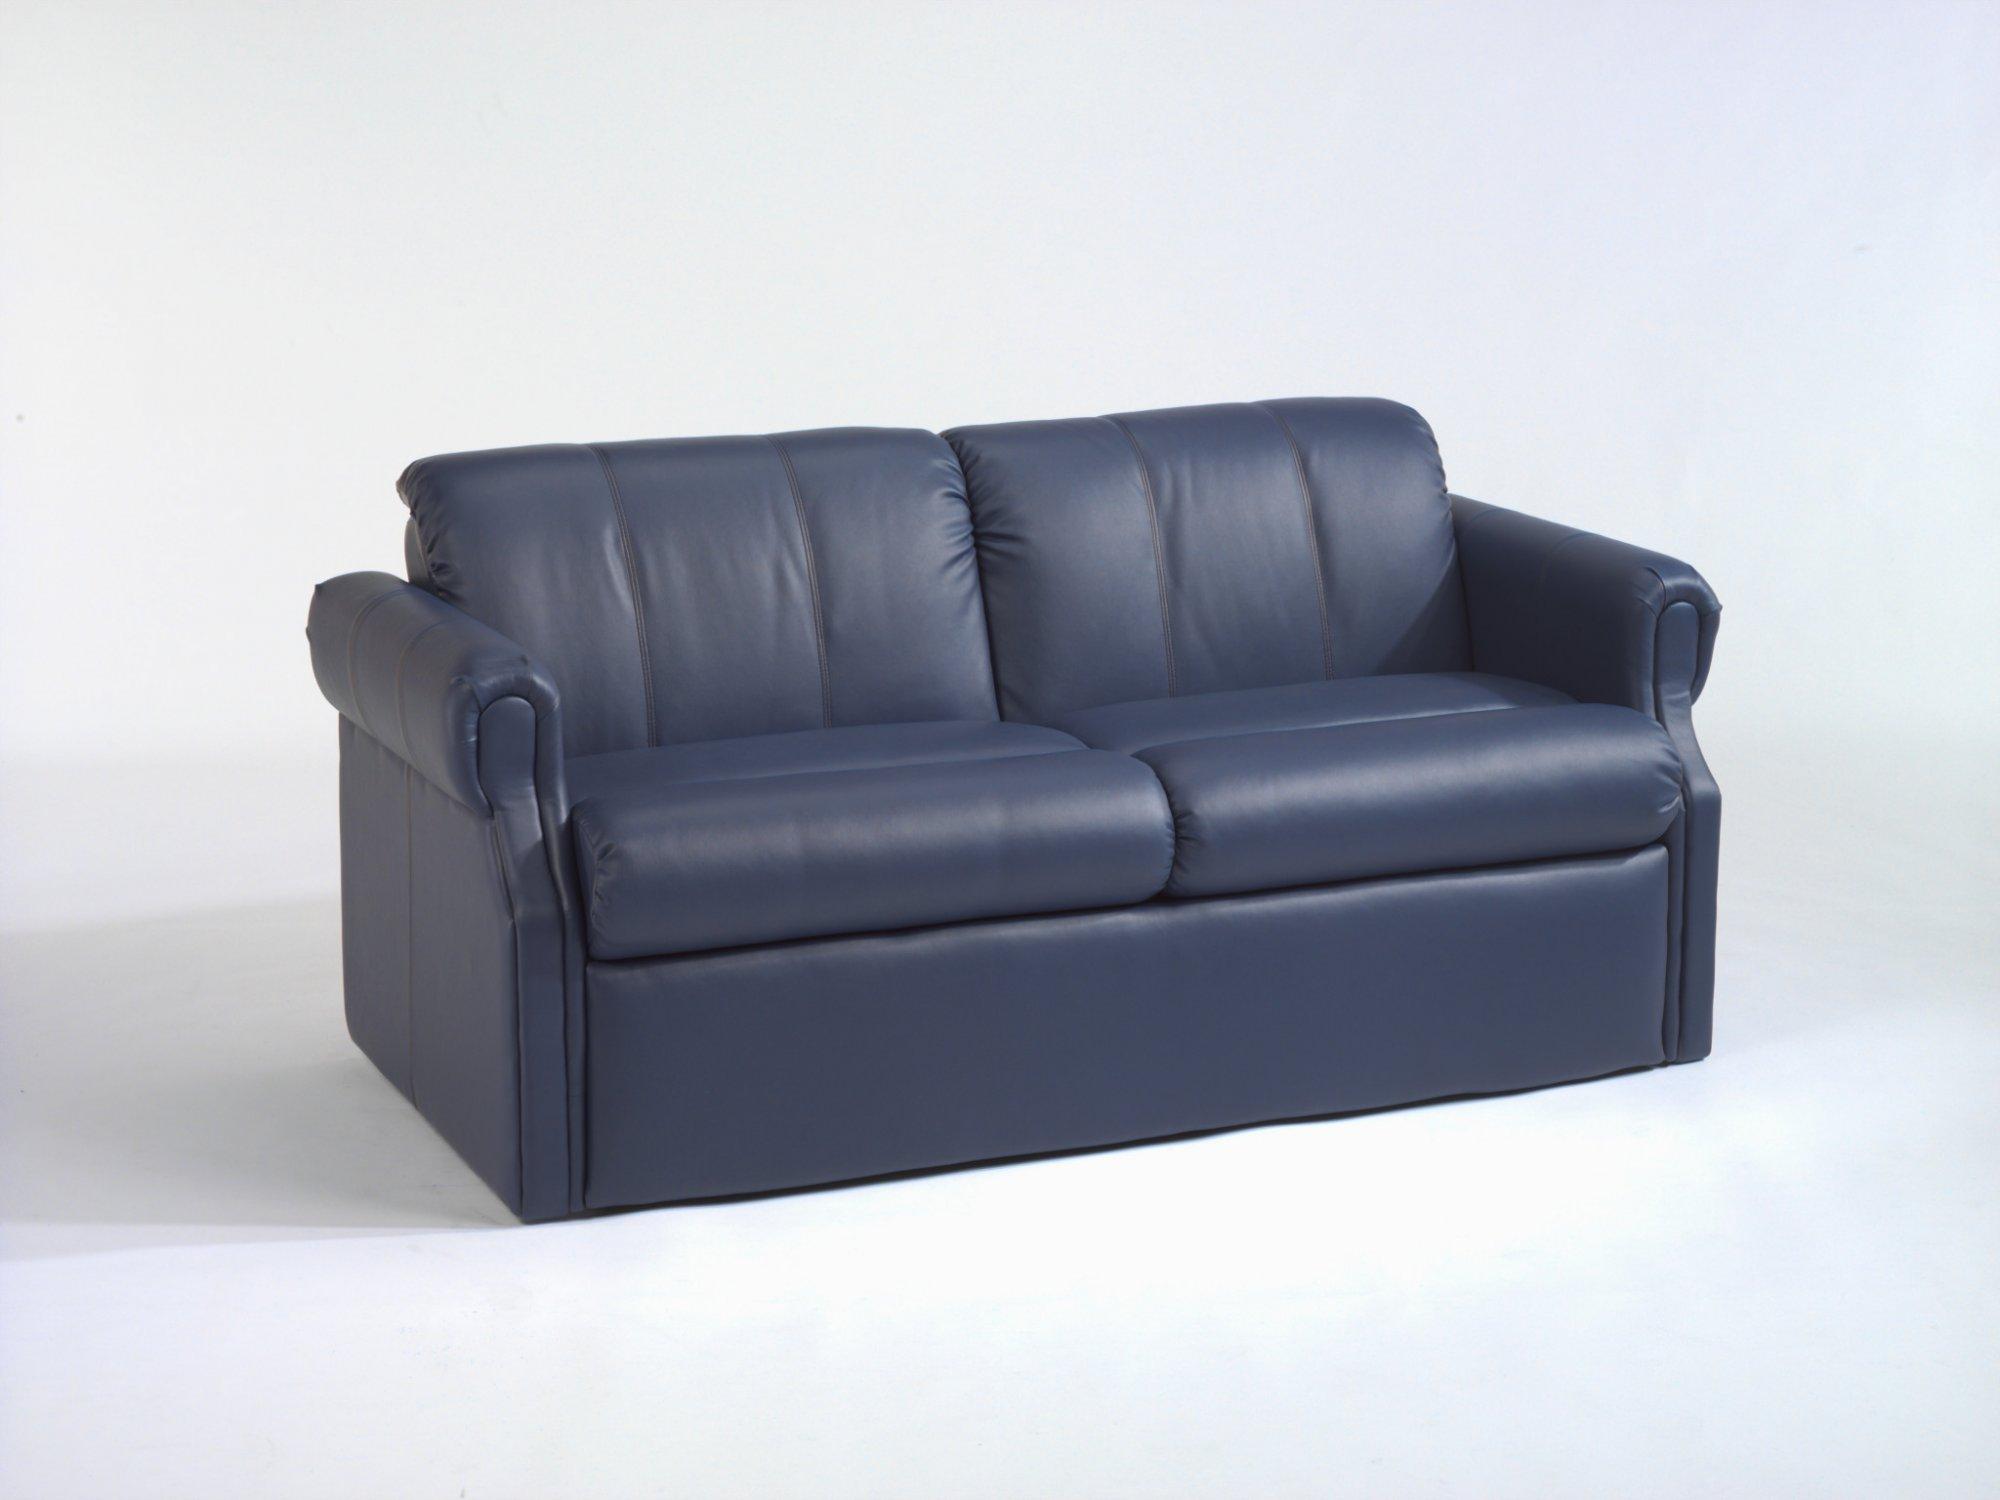 Flexsteel Alder  Motor Home Convertible Sofa Sleeper